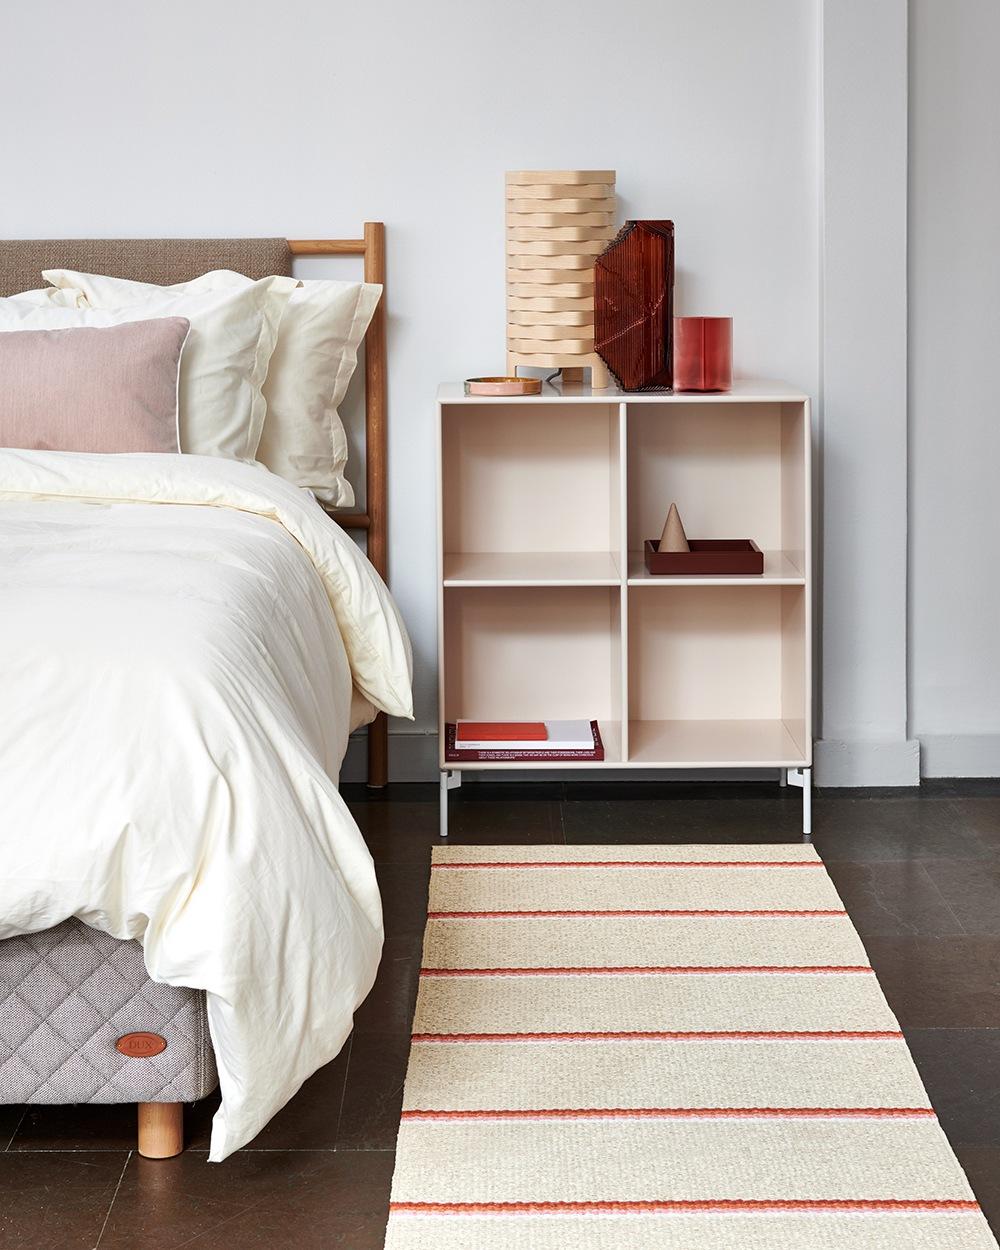 Pappelina Teppich mit Streifen